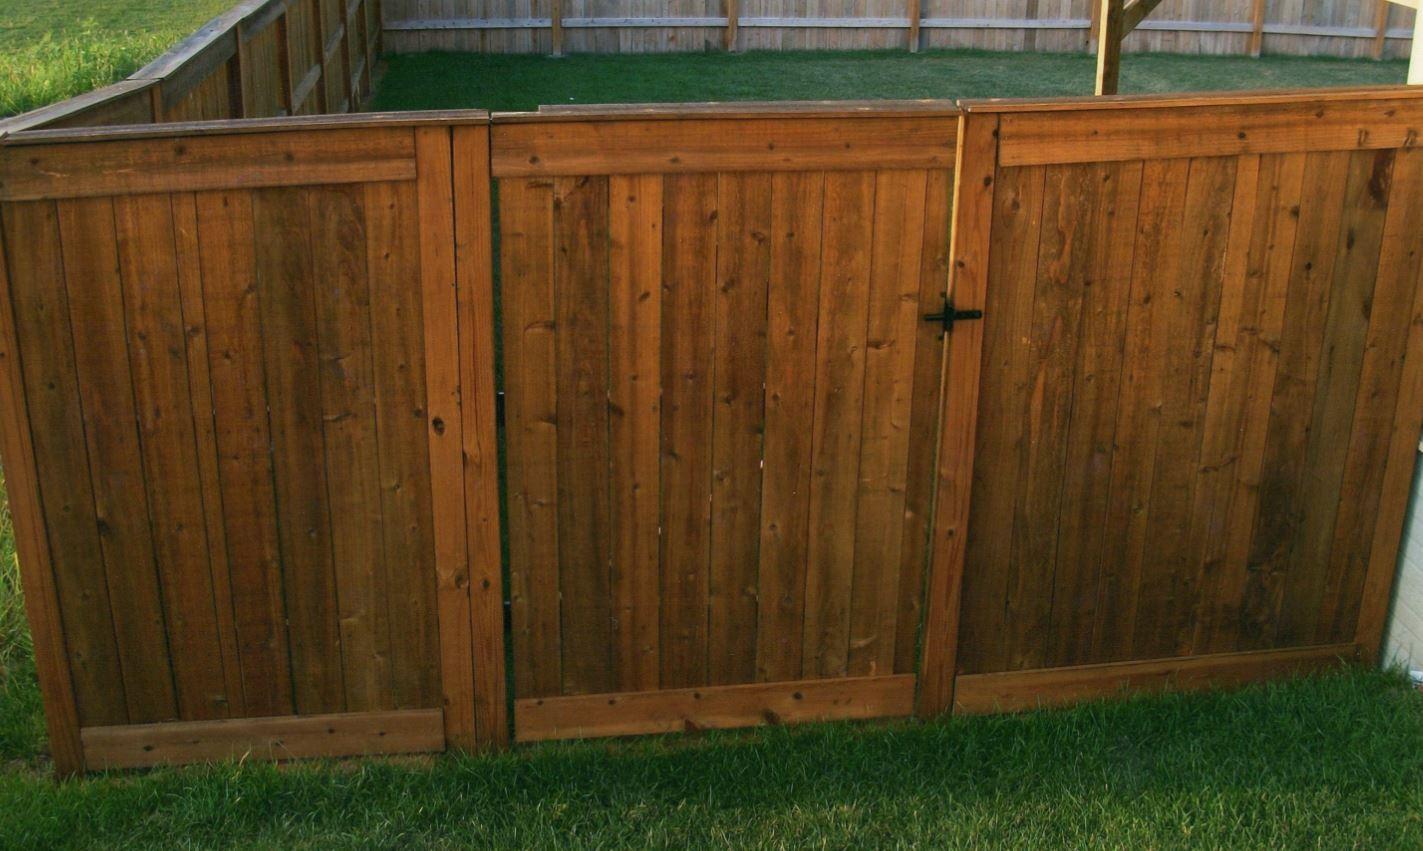 wood fence, fence gate